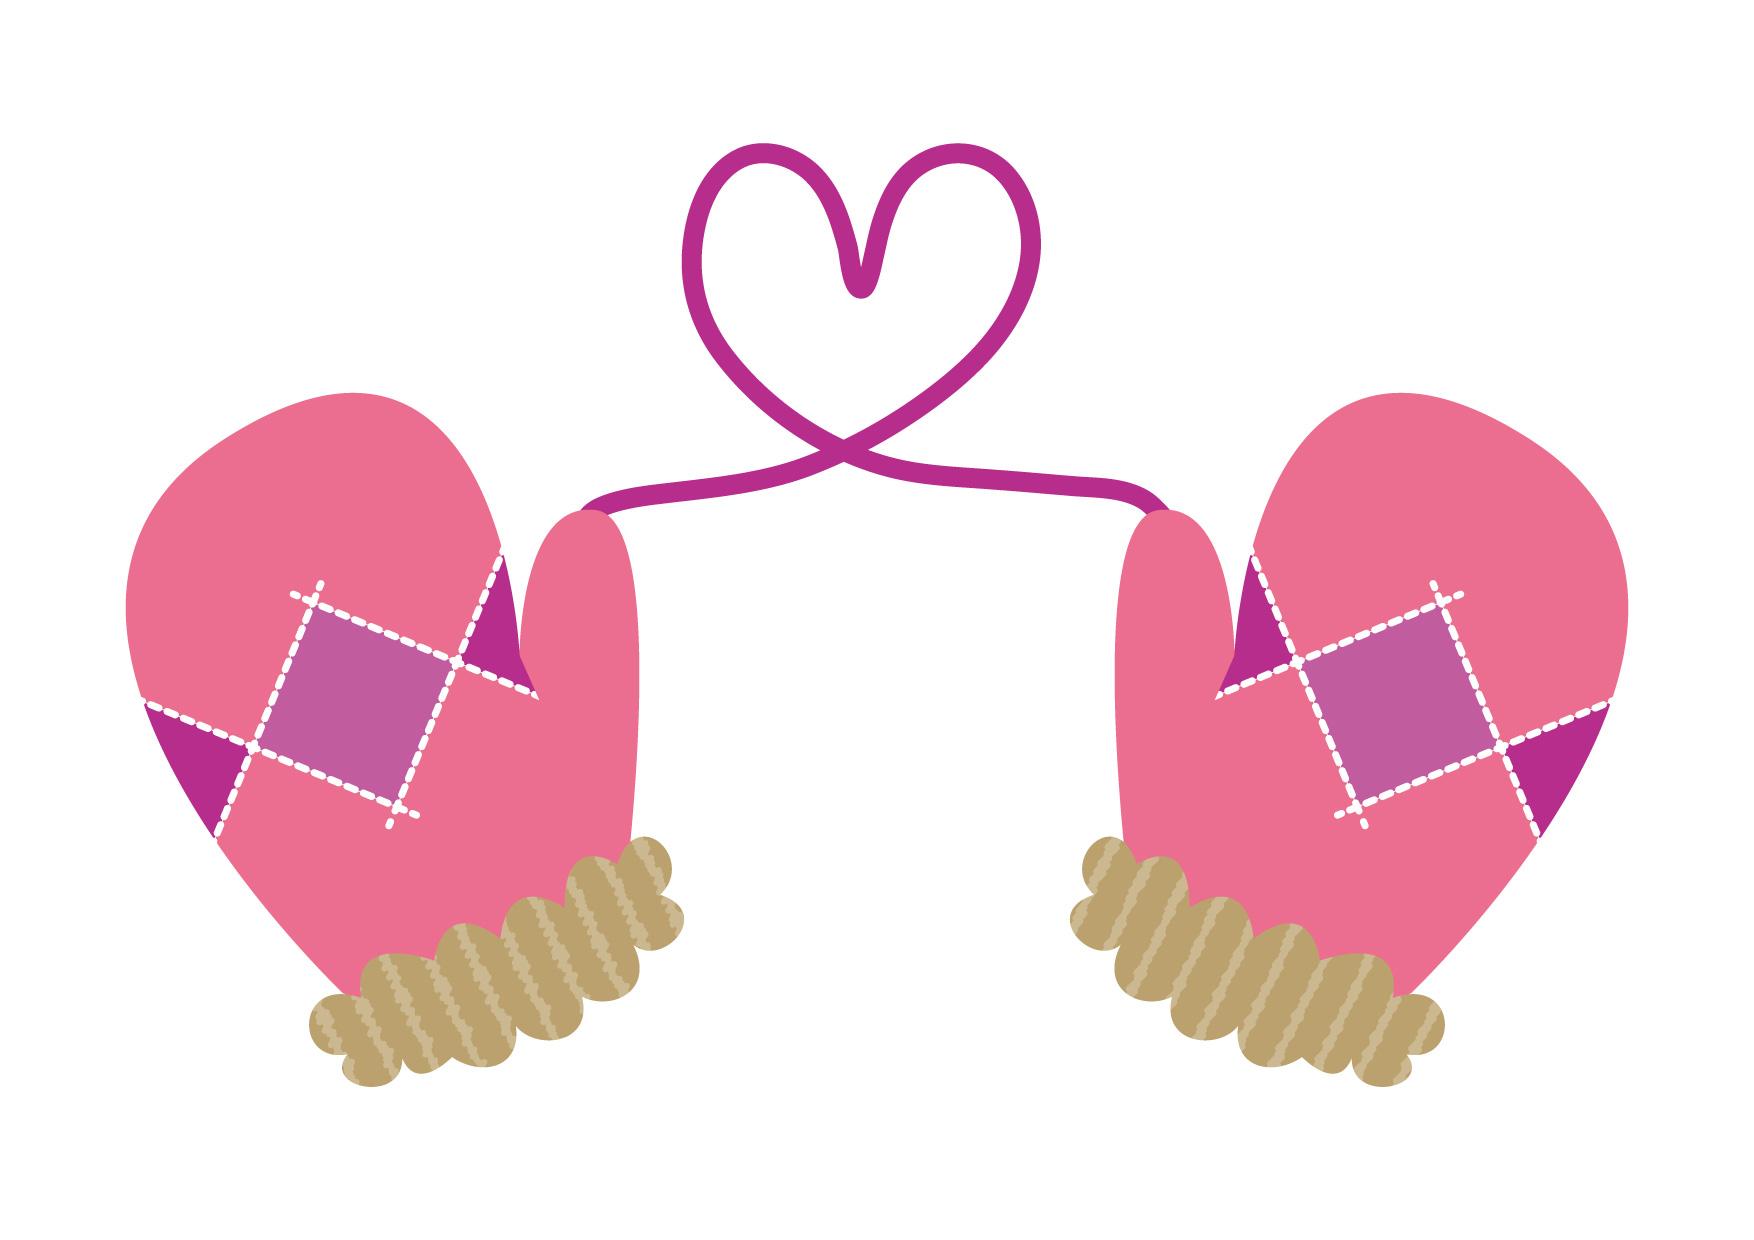 可愛いイラスト無料|手袋 ハート ピンク − free illustration Gloves Heart Pink